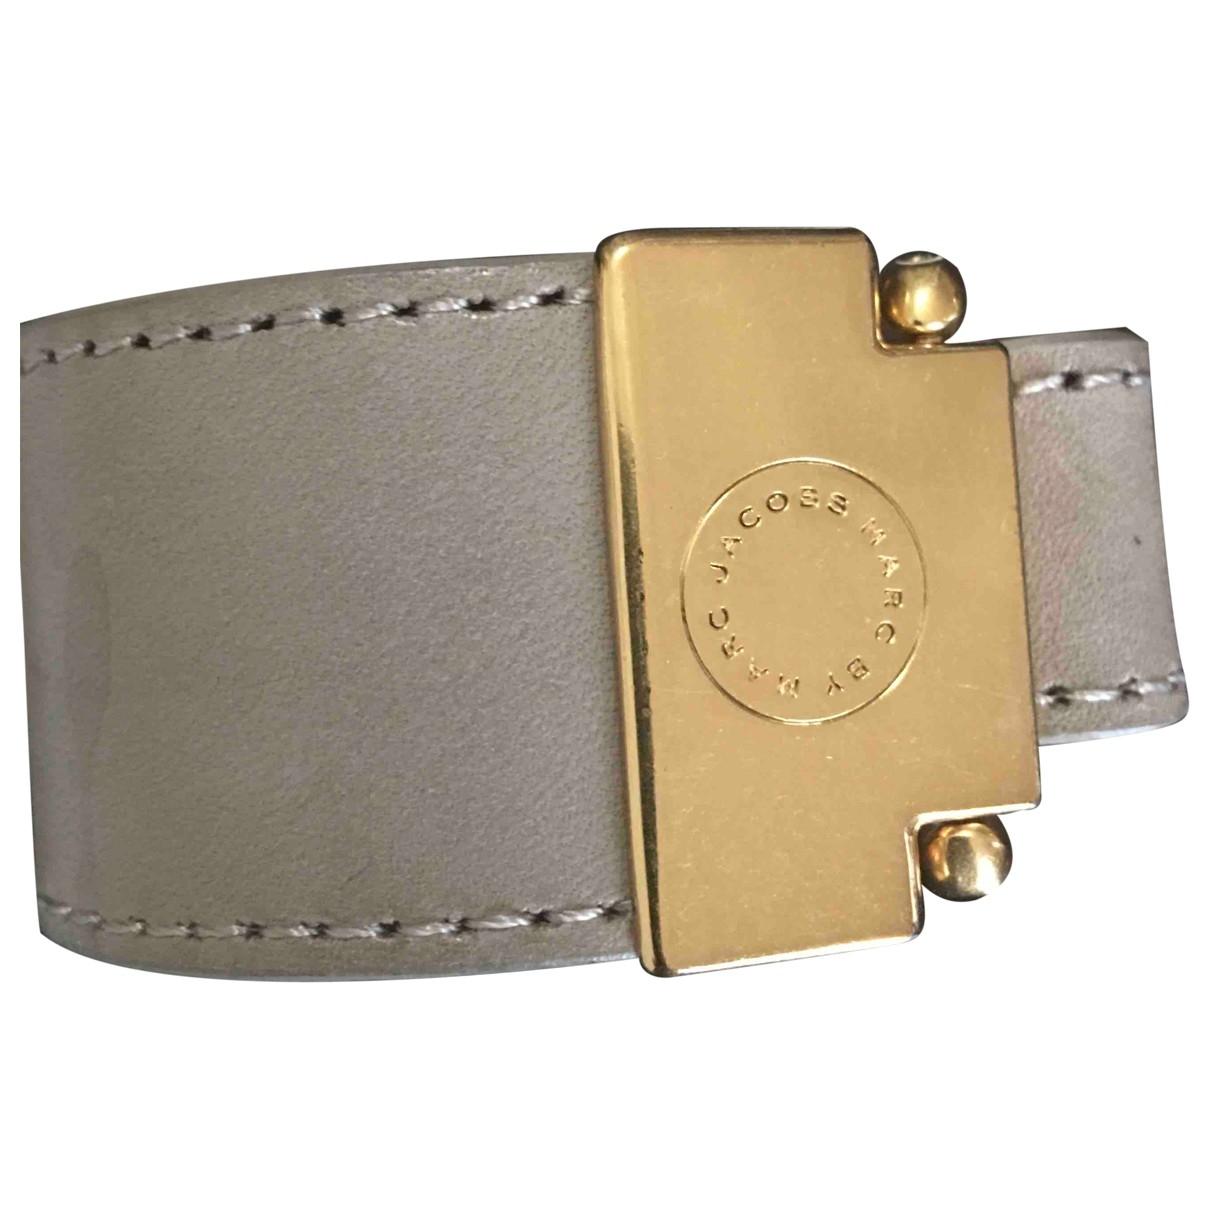 Marc Jacobs \N Beige Leather bracelet for Women \N